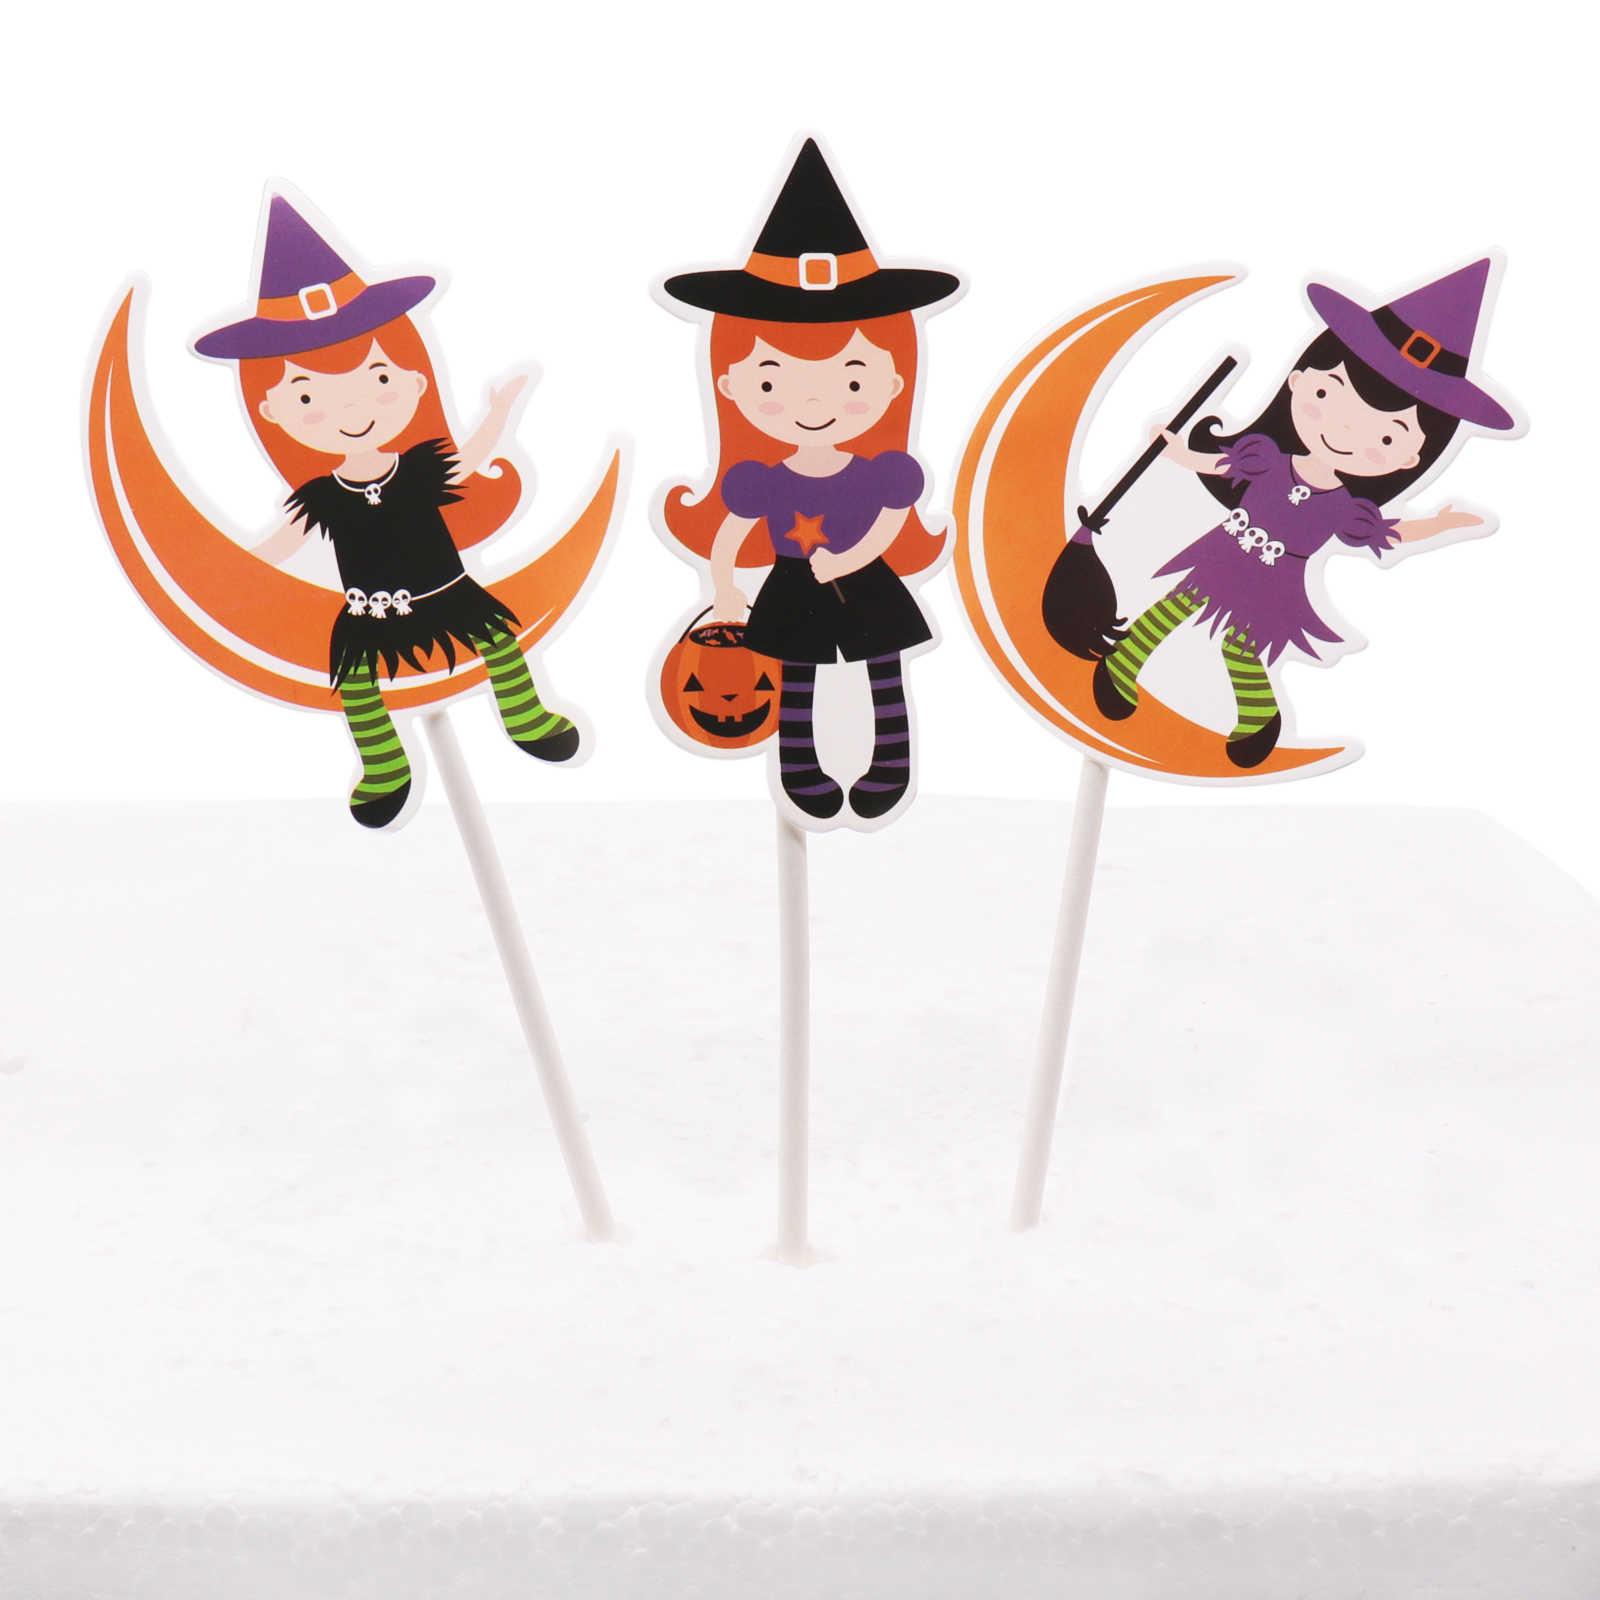 קישוטי ליל כל הקדושים עכביש, חתול שחור, גולגולת, בת, ghost, מכשפה כובע נייר עוגת טופר Ghost פסטיבל עוגת קישוטי המפלגה